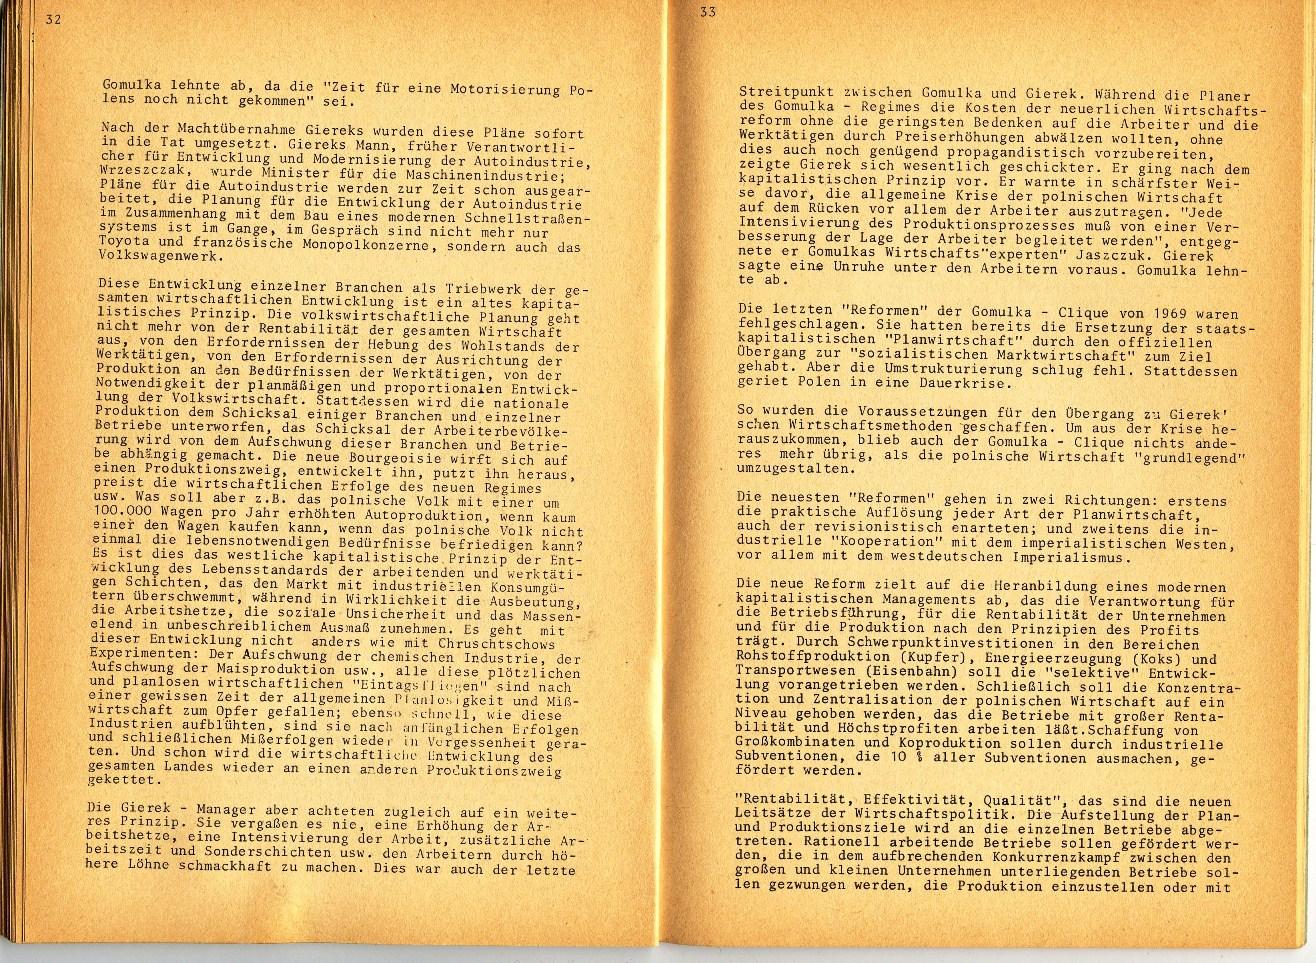 ZB_Polen_Aufstand_1971_20